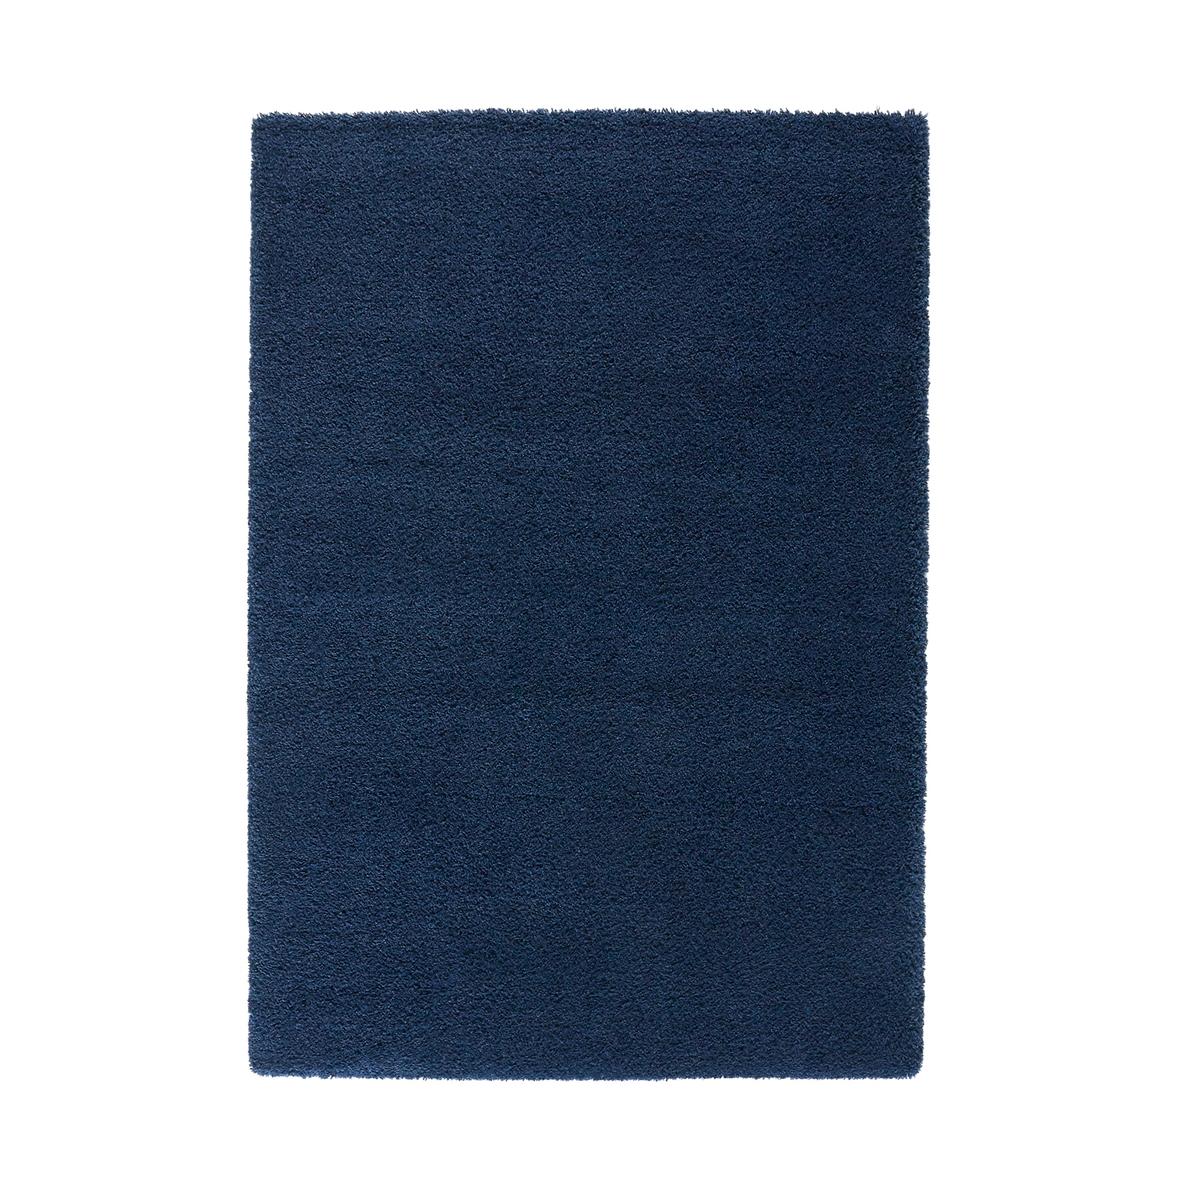 Ковер La Redoute Ворсистый с эффектом шерсти Afaw 200 x 290 см синий ковер la redoute горизонтального плетения с рисунком цементная плитка iswik 120 x 170 см бежевый